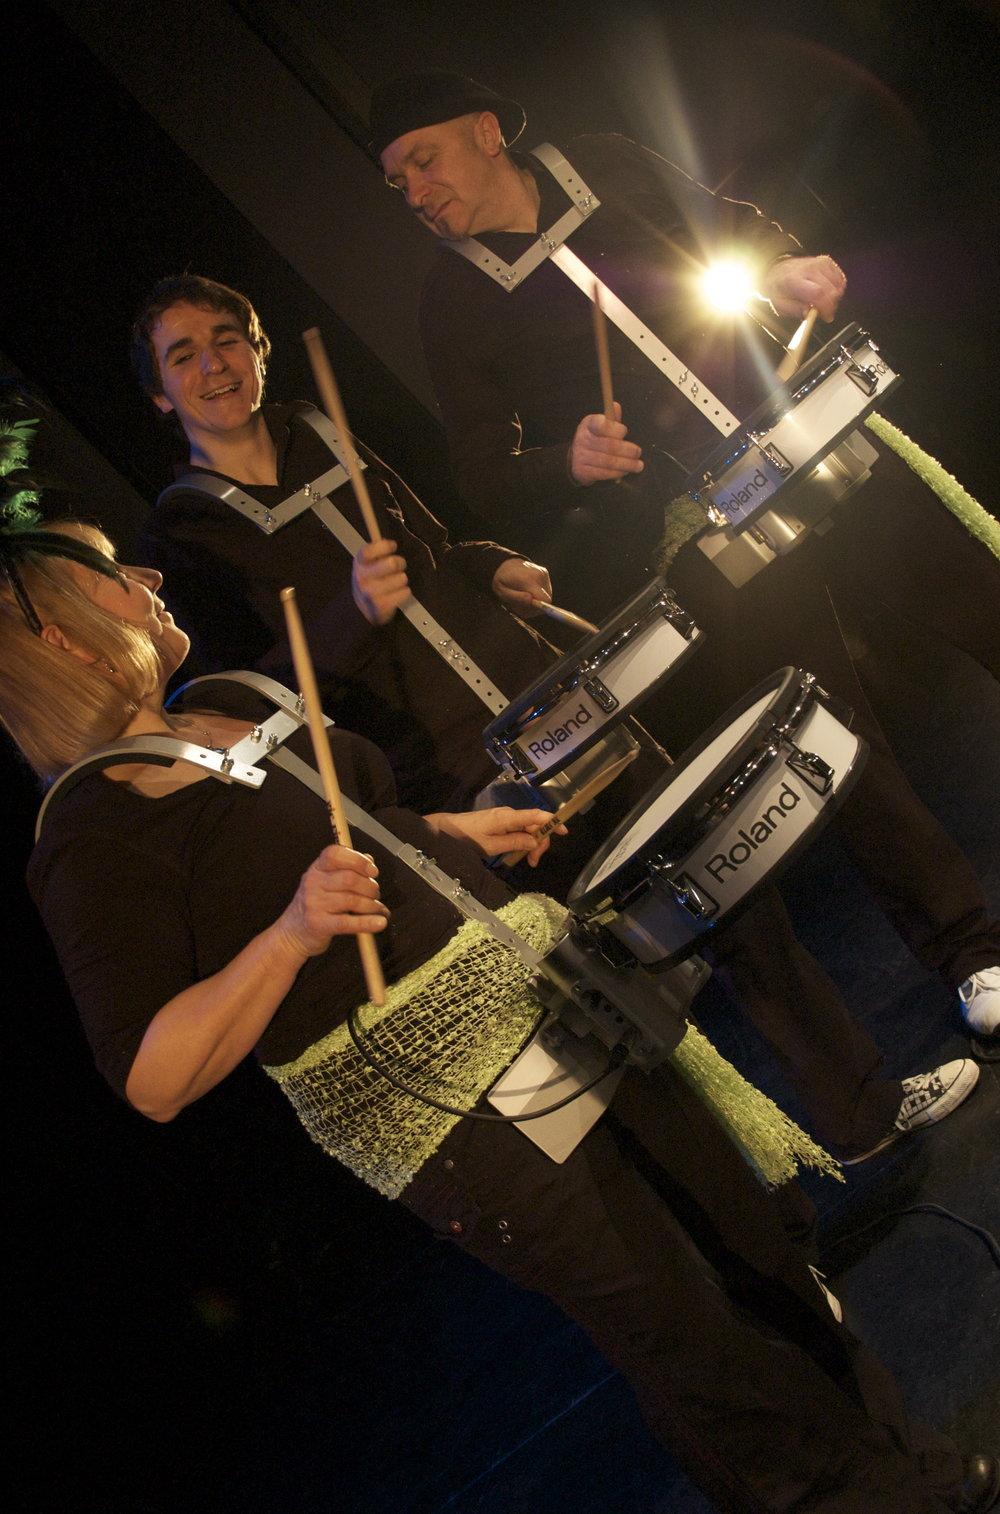 roland-v-drums-photo-shoot_5042826808_o.jpg